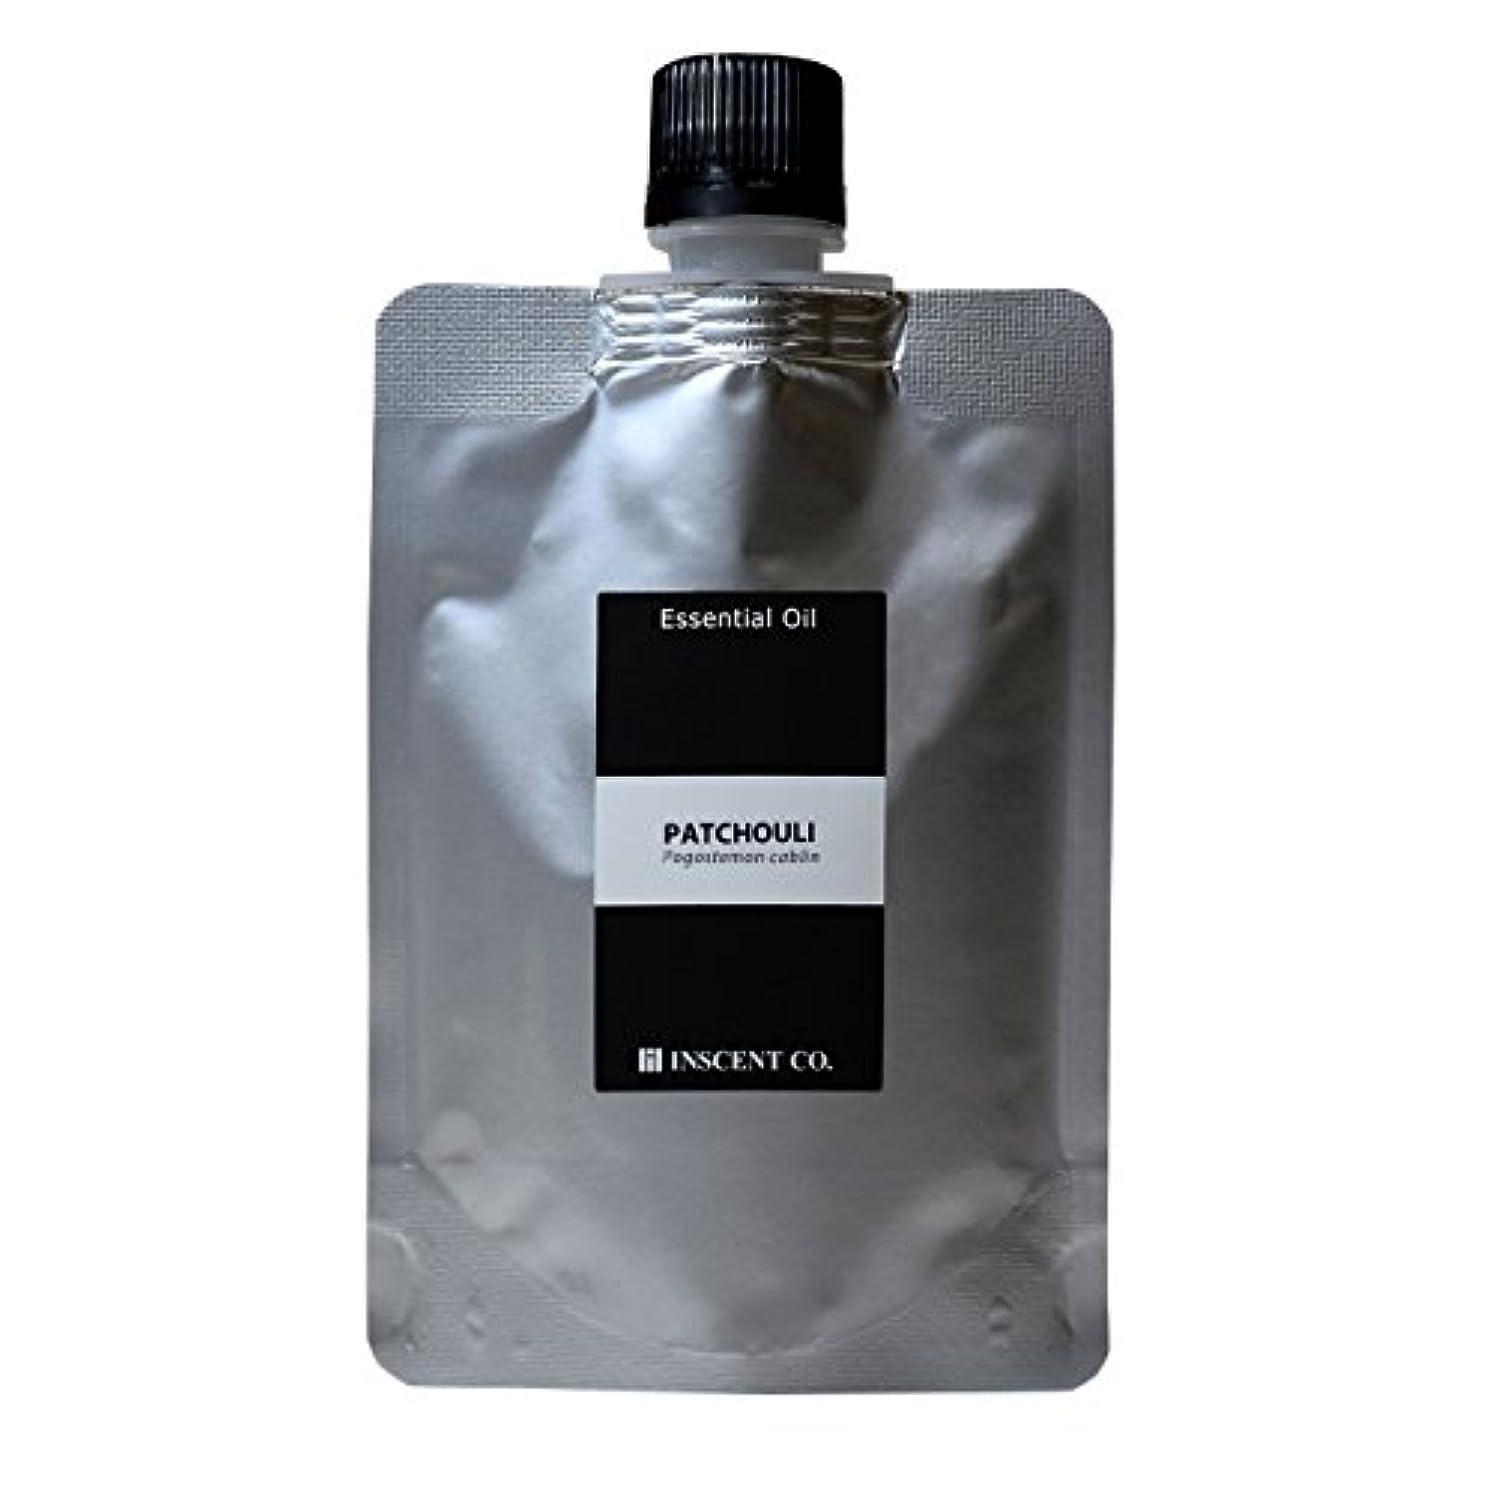 妨げるランククレデンシャル(詰替用 アルミパック) パチュリ (パチョリ) 50ml インセント アロマオイル AEAJ 表示基準適合認定精油